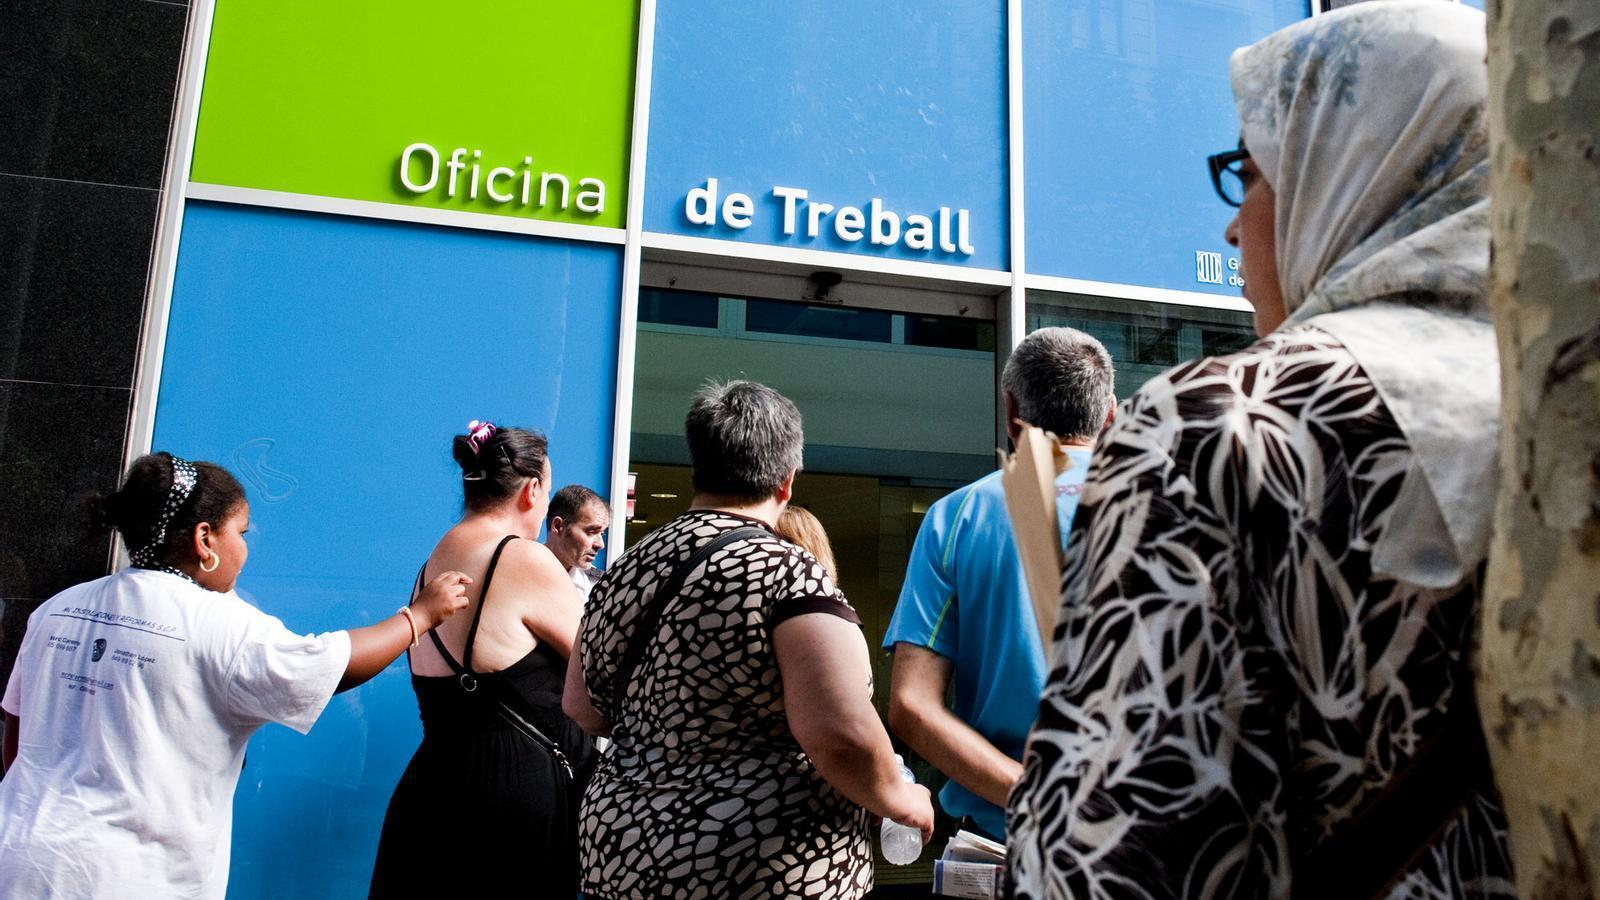 La poblaci estrangera ocupada a catalunya cau un 43 for Oficinas soc barcelona